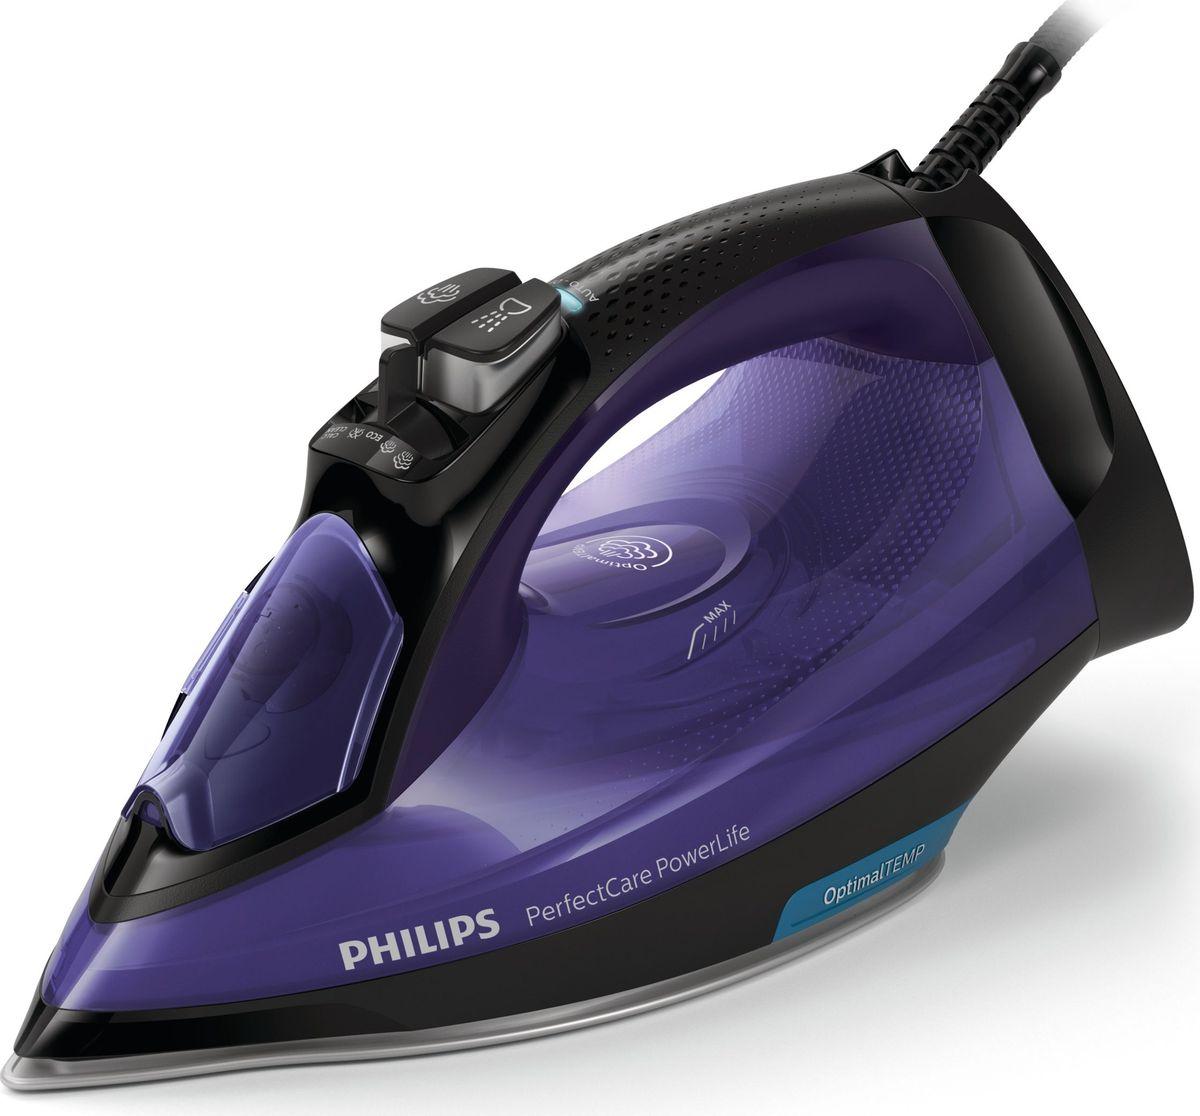 Philips GC3925/30 PerfectCare, Purple Black утюгGC3925/30Быстрее и проще, без необходимости регулировки температуры! 100% бережный уход даже для деликатных тканей. Глажение любых тканей - от джинсовых до шёлковых - без изменения настроек. Технология OptimalTEMP обеспечивает идеальное сочетание мощного пара и температуры, позволяя быстро разгладить складки без риска прожечь ткань или оставить блестящие следы. Оставлять утюг с нагретой подошвой на гладильной доске теперь безопасно. Глажение еще никогда не было таким лёгким и быстрым!Простое глажение без необходимости регулировки температуры: Гладьте любые ткани — от джинсовых до шелковых — без регулировки температуры Протестировано и одобрено экспертами в области текстиля Самая быстрая подошва: SteamGlide Plus 2500 Вт для быстрого нагрева и безупречного глажения Подача пара до 45 г/мин для лучшего разглаживания складок Паровой удар до 180 г для легкого разглаживания жестких складок Утюг автоматически выключается, если оставлен без присмотра